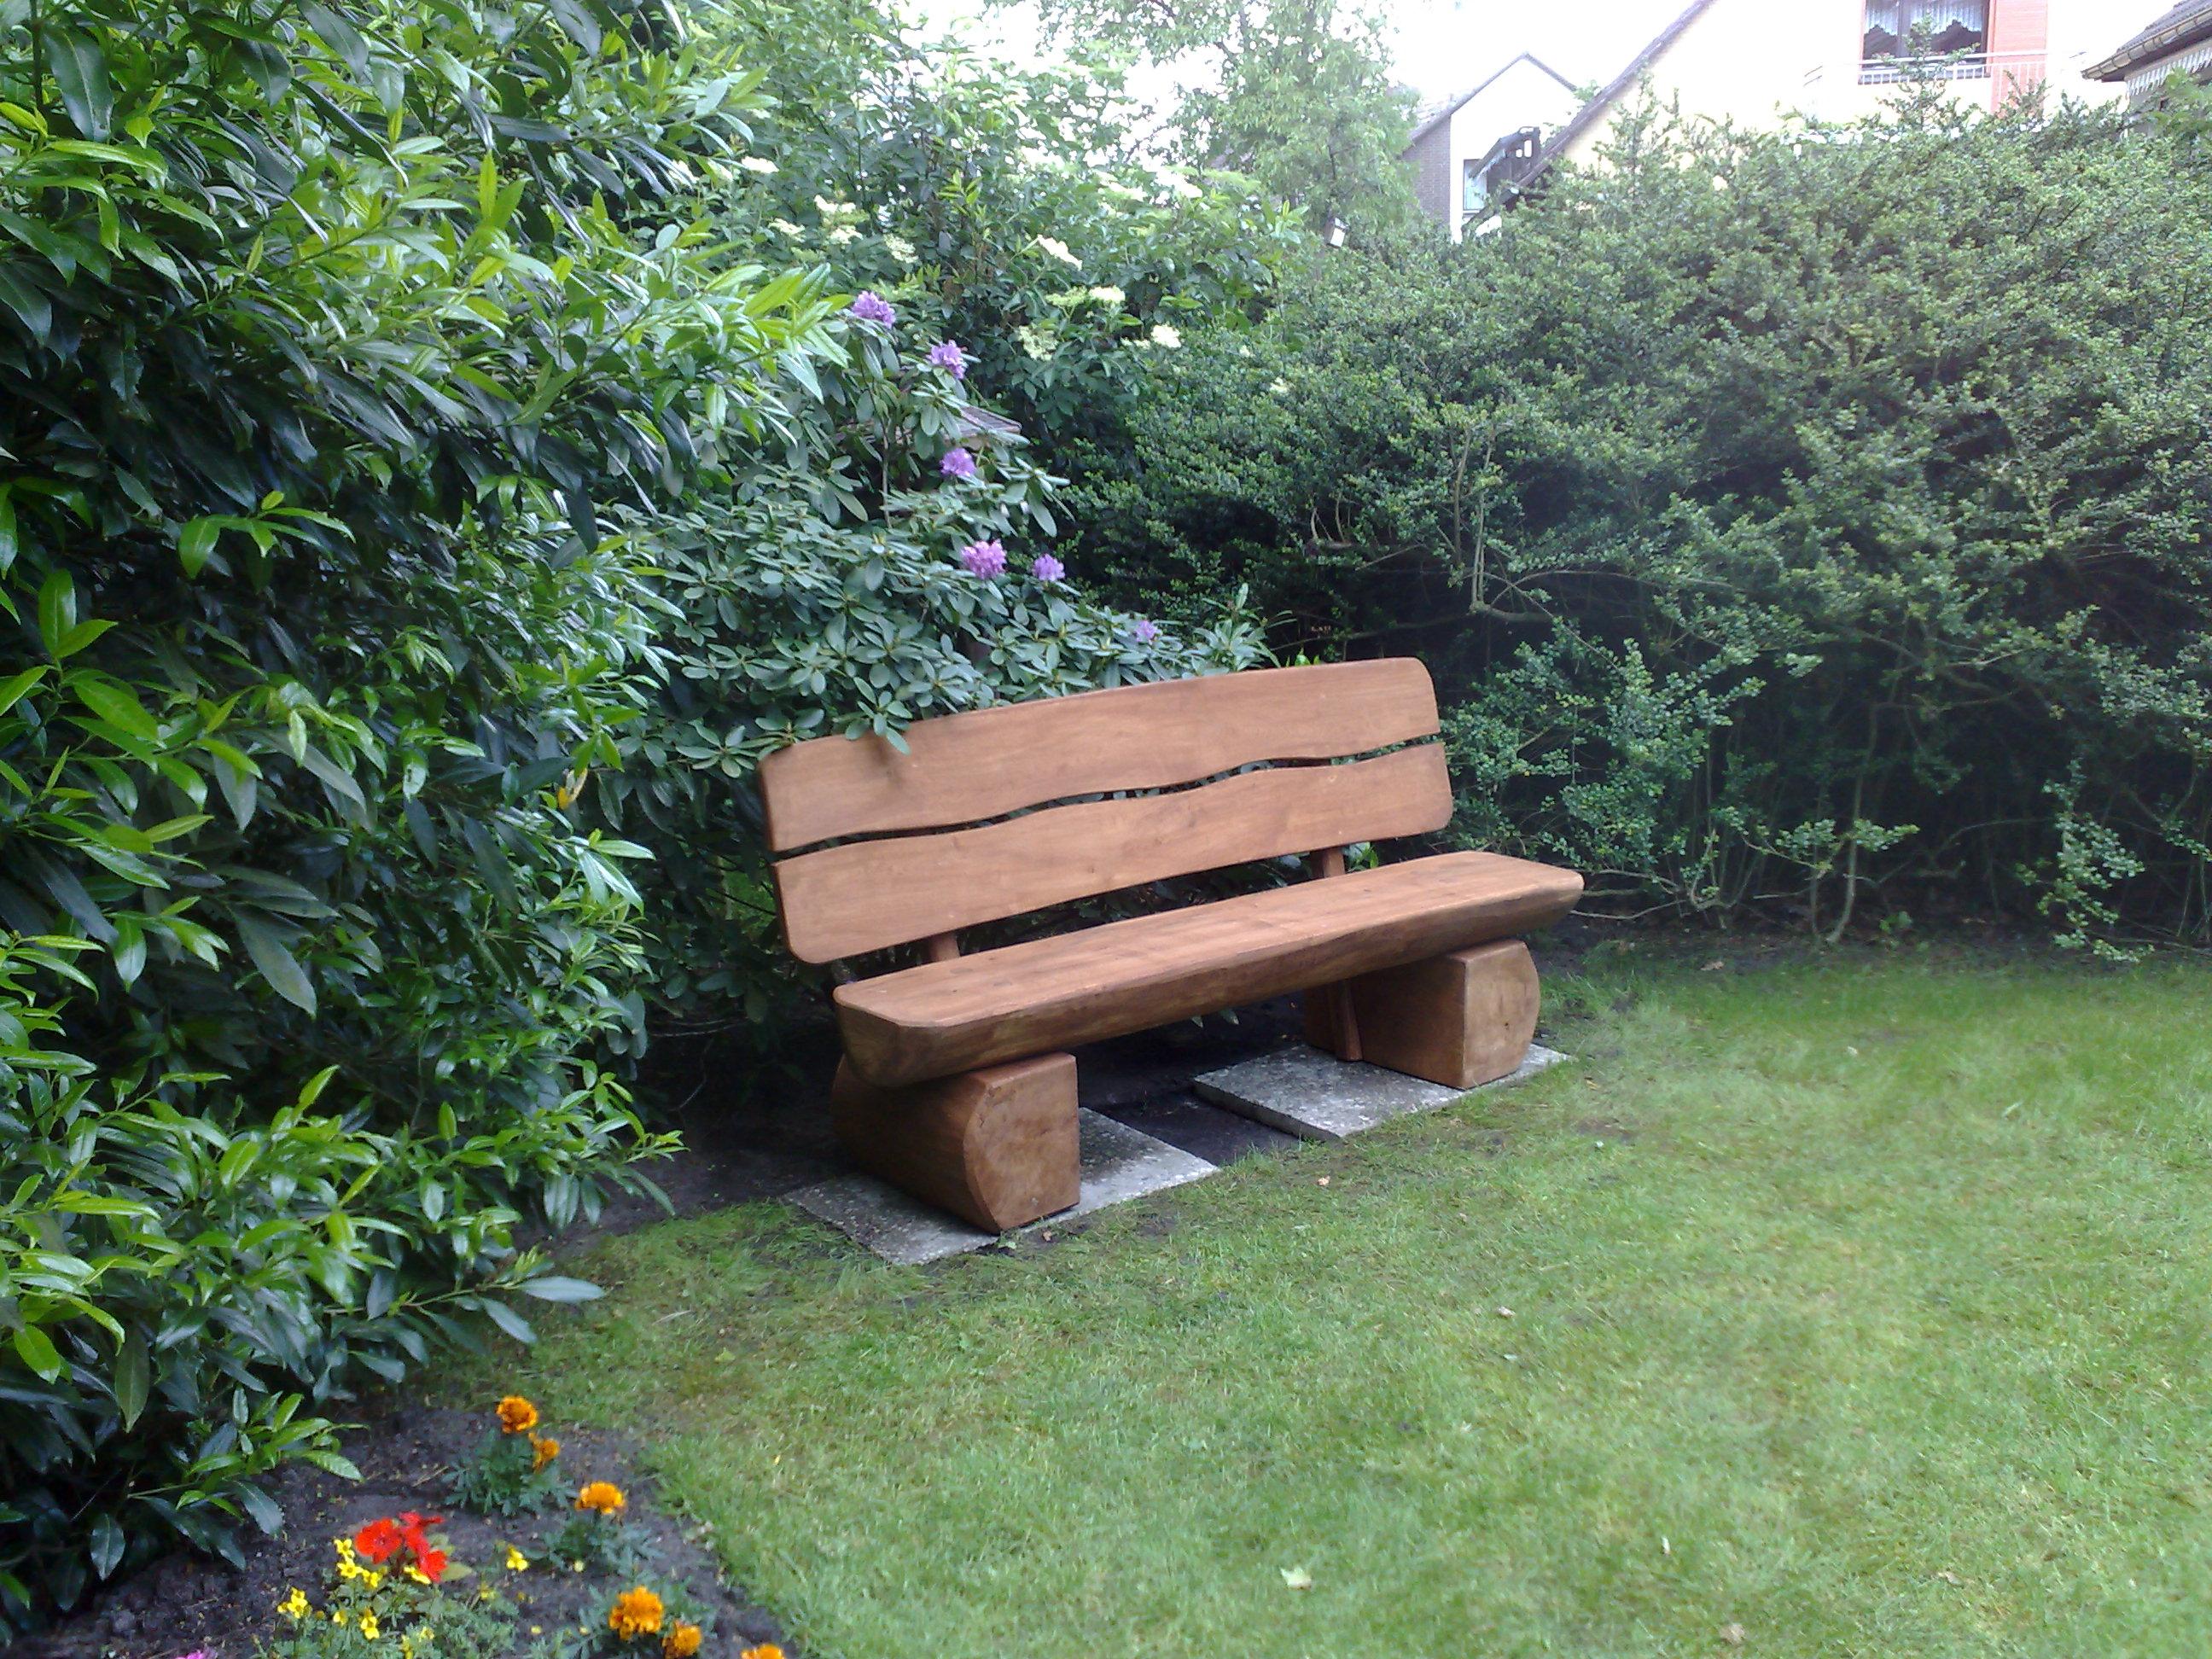 Garten Gartenbank Eiche Eichenbank Möbel Geschenk Speilplatz